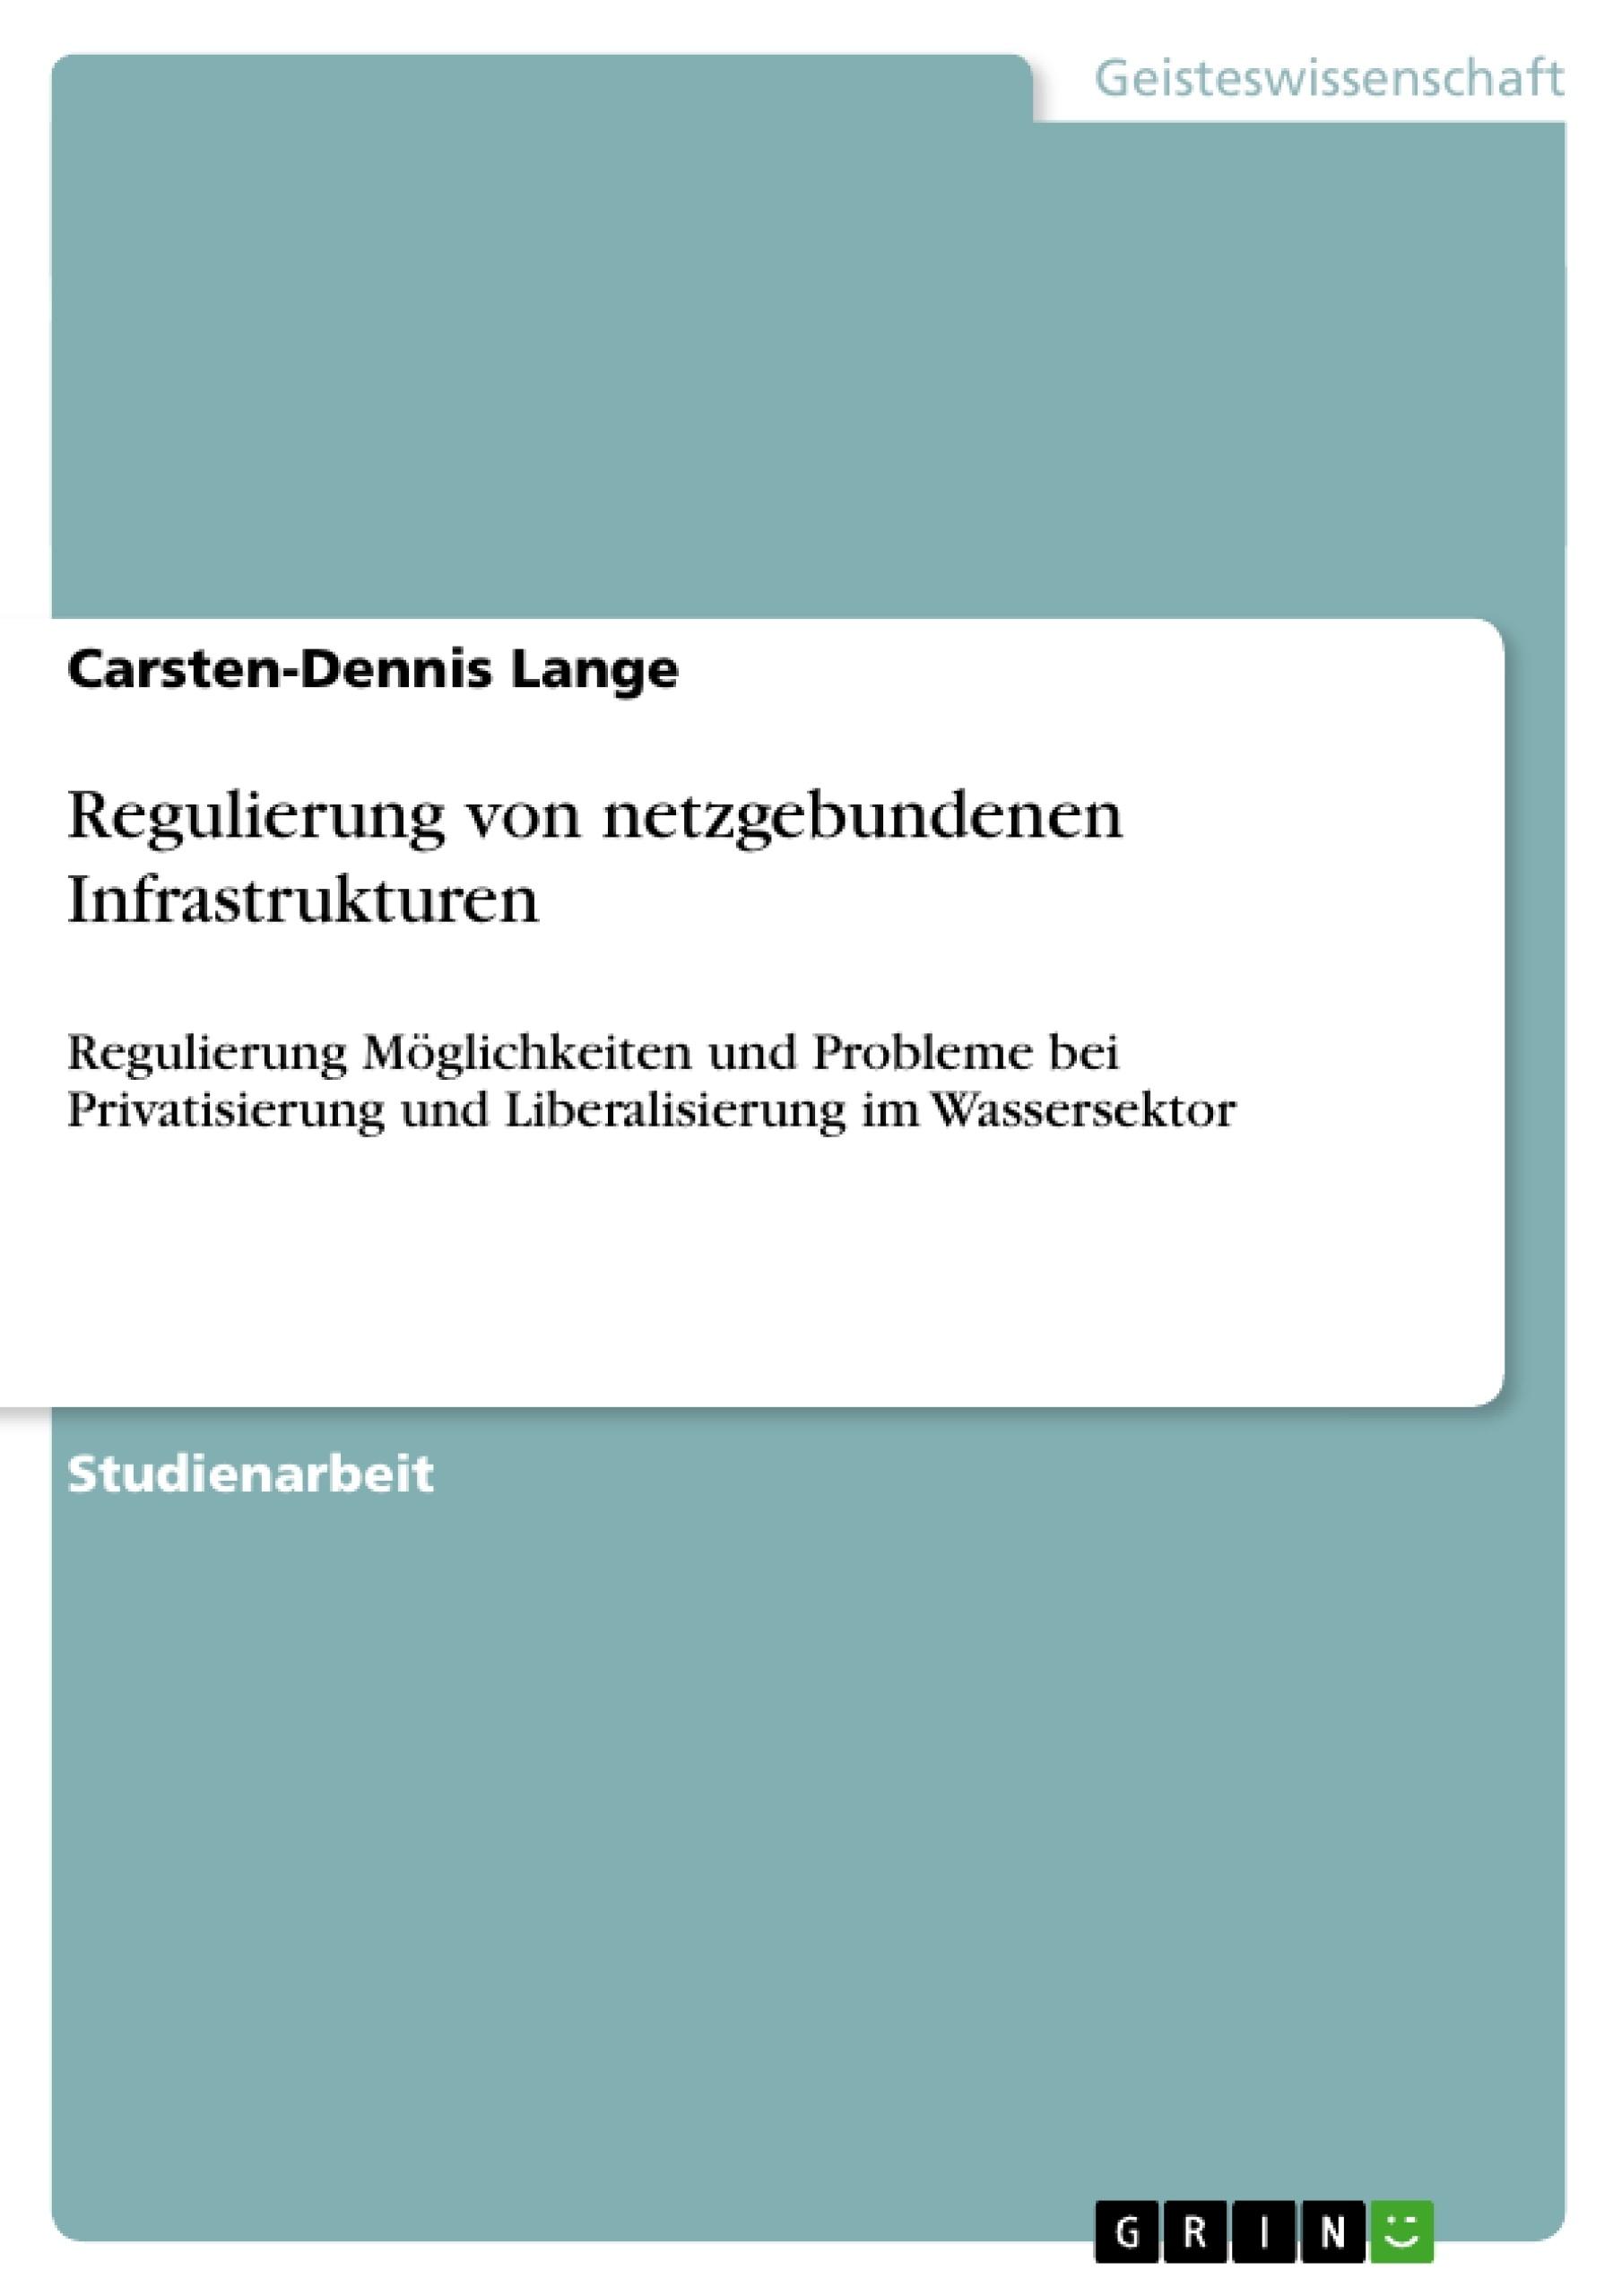 Titel: Regulierung von netzgebundenen Infrastrukturen